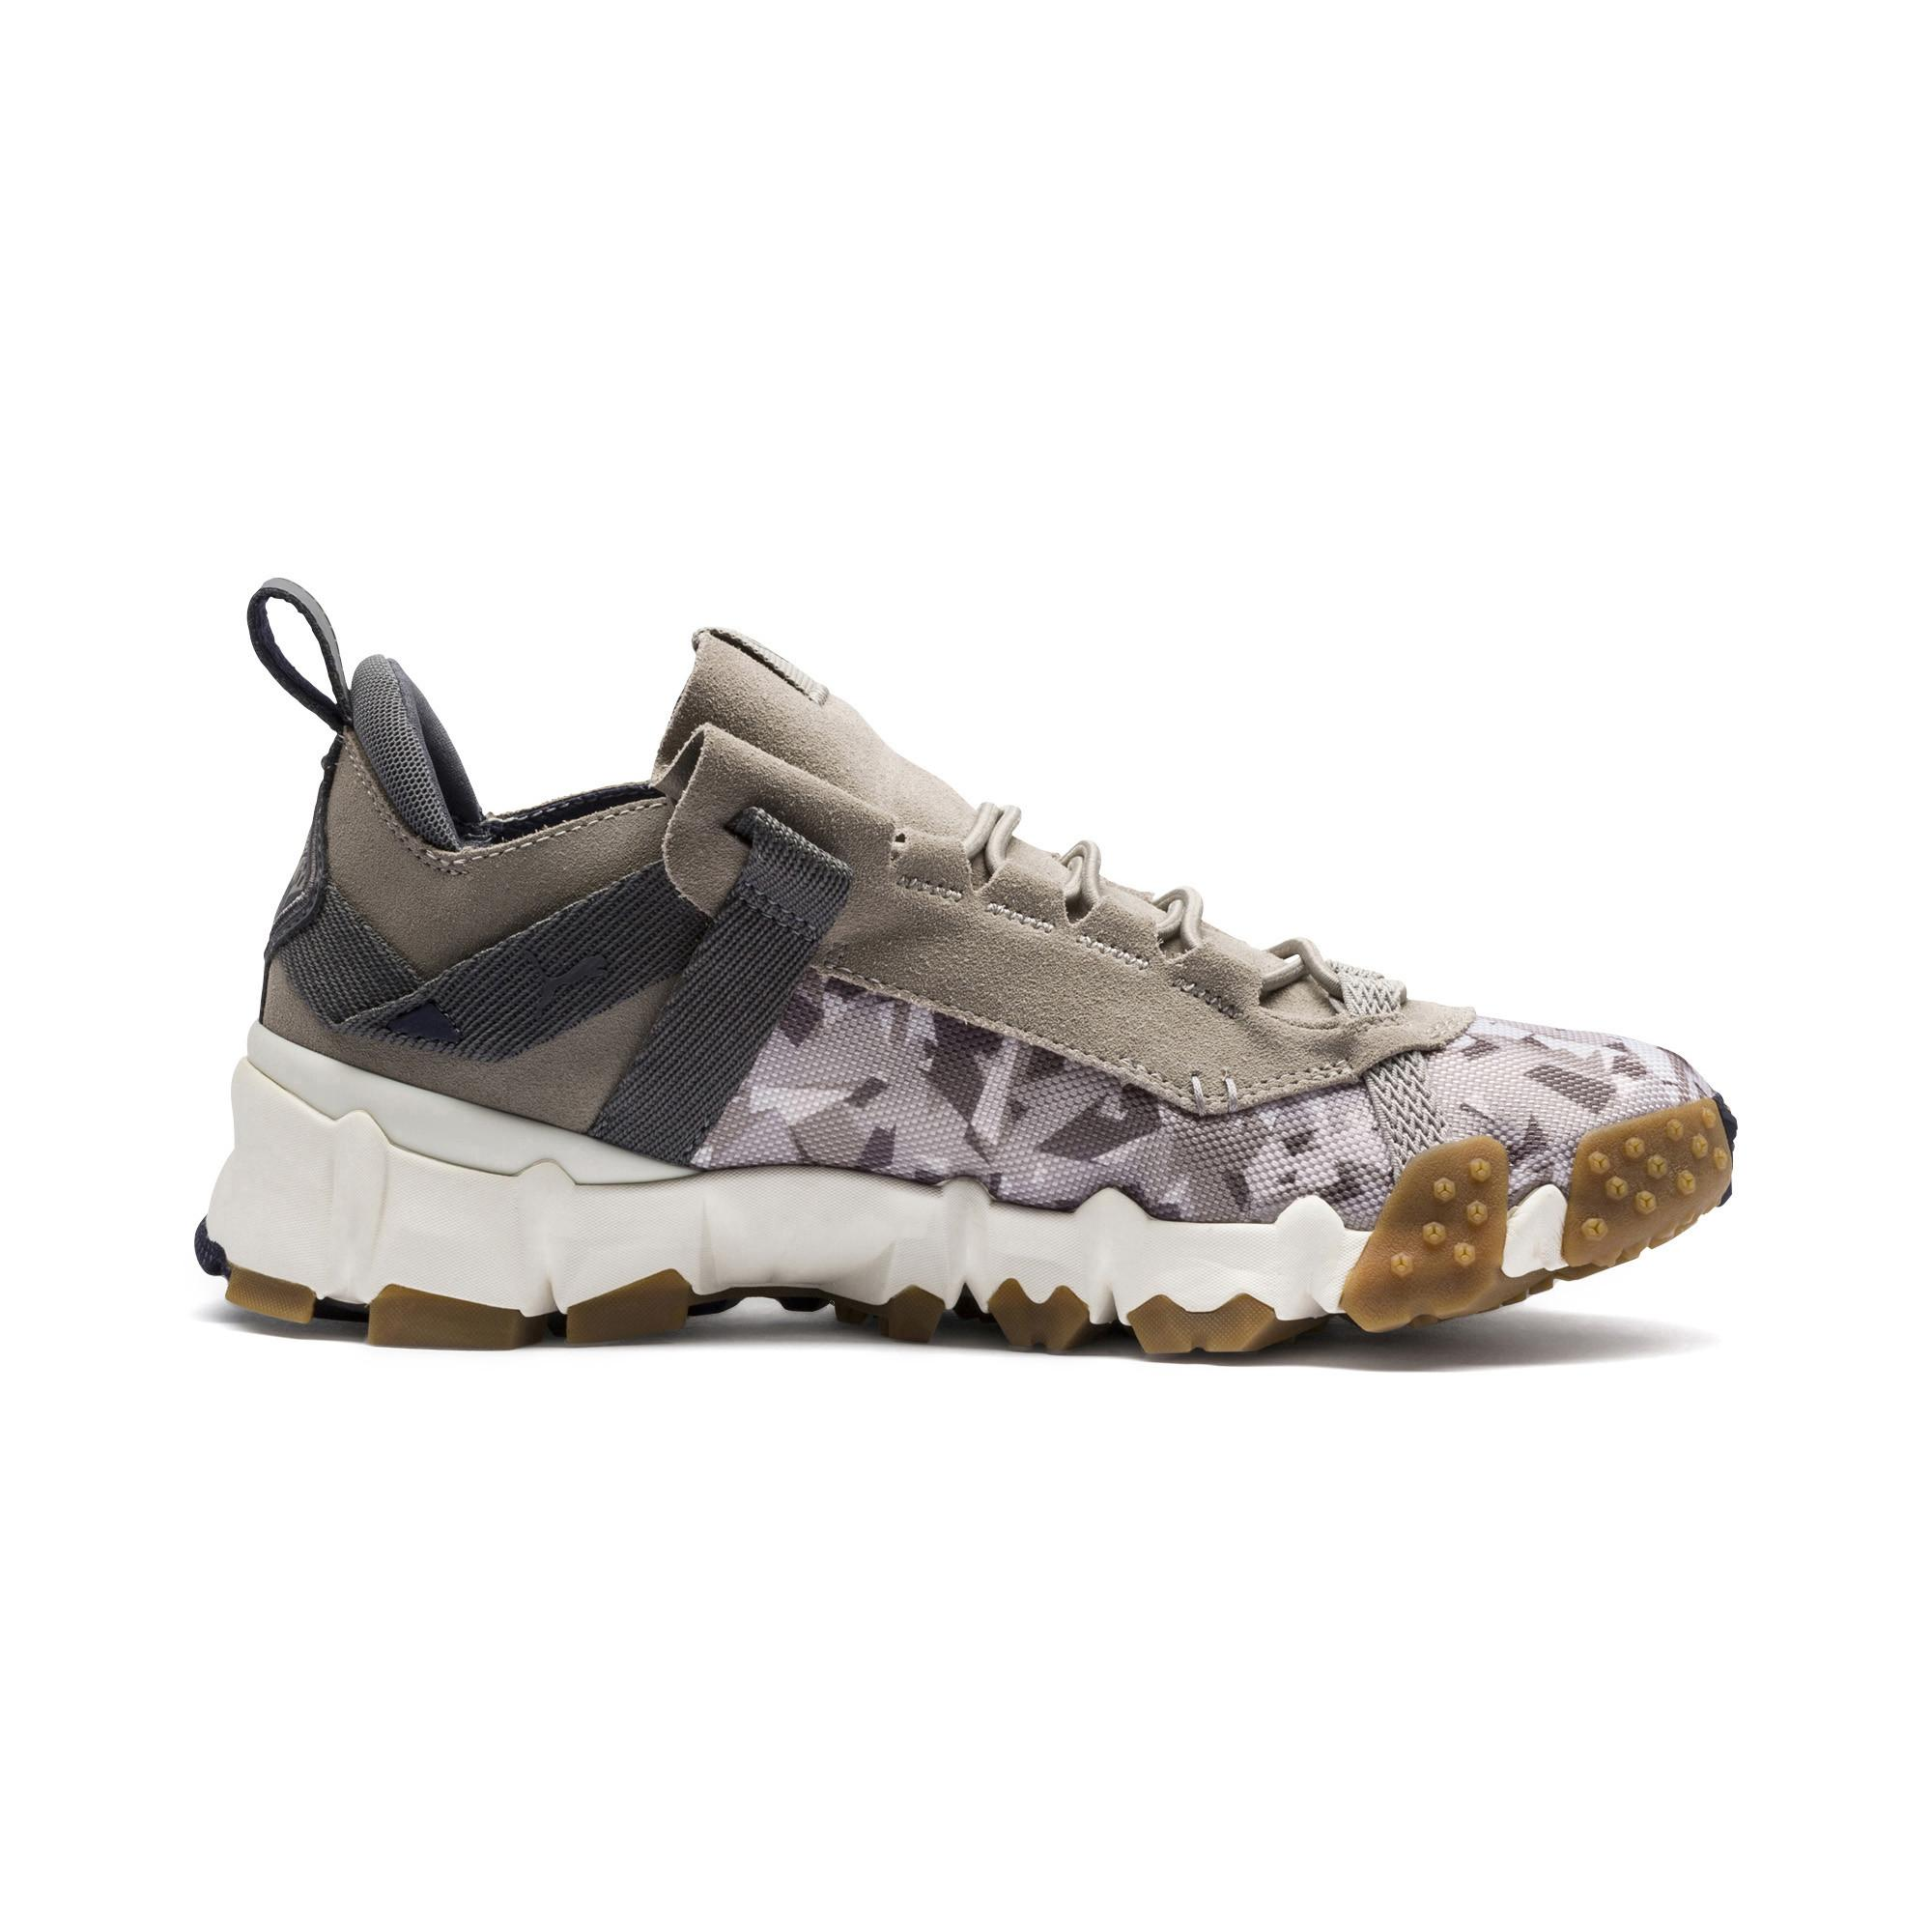 PUMA Rubber Trailfox Camo Sneakers for